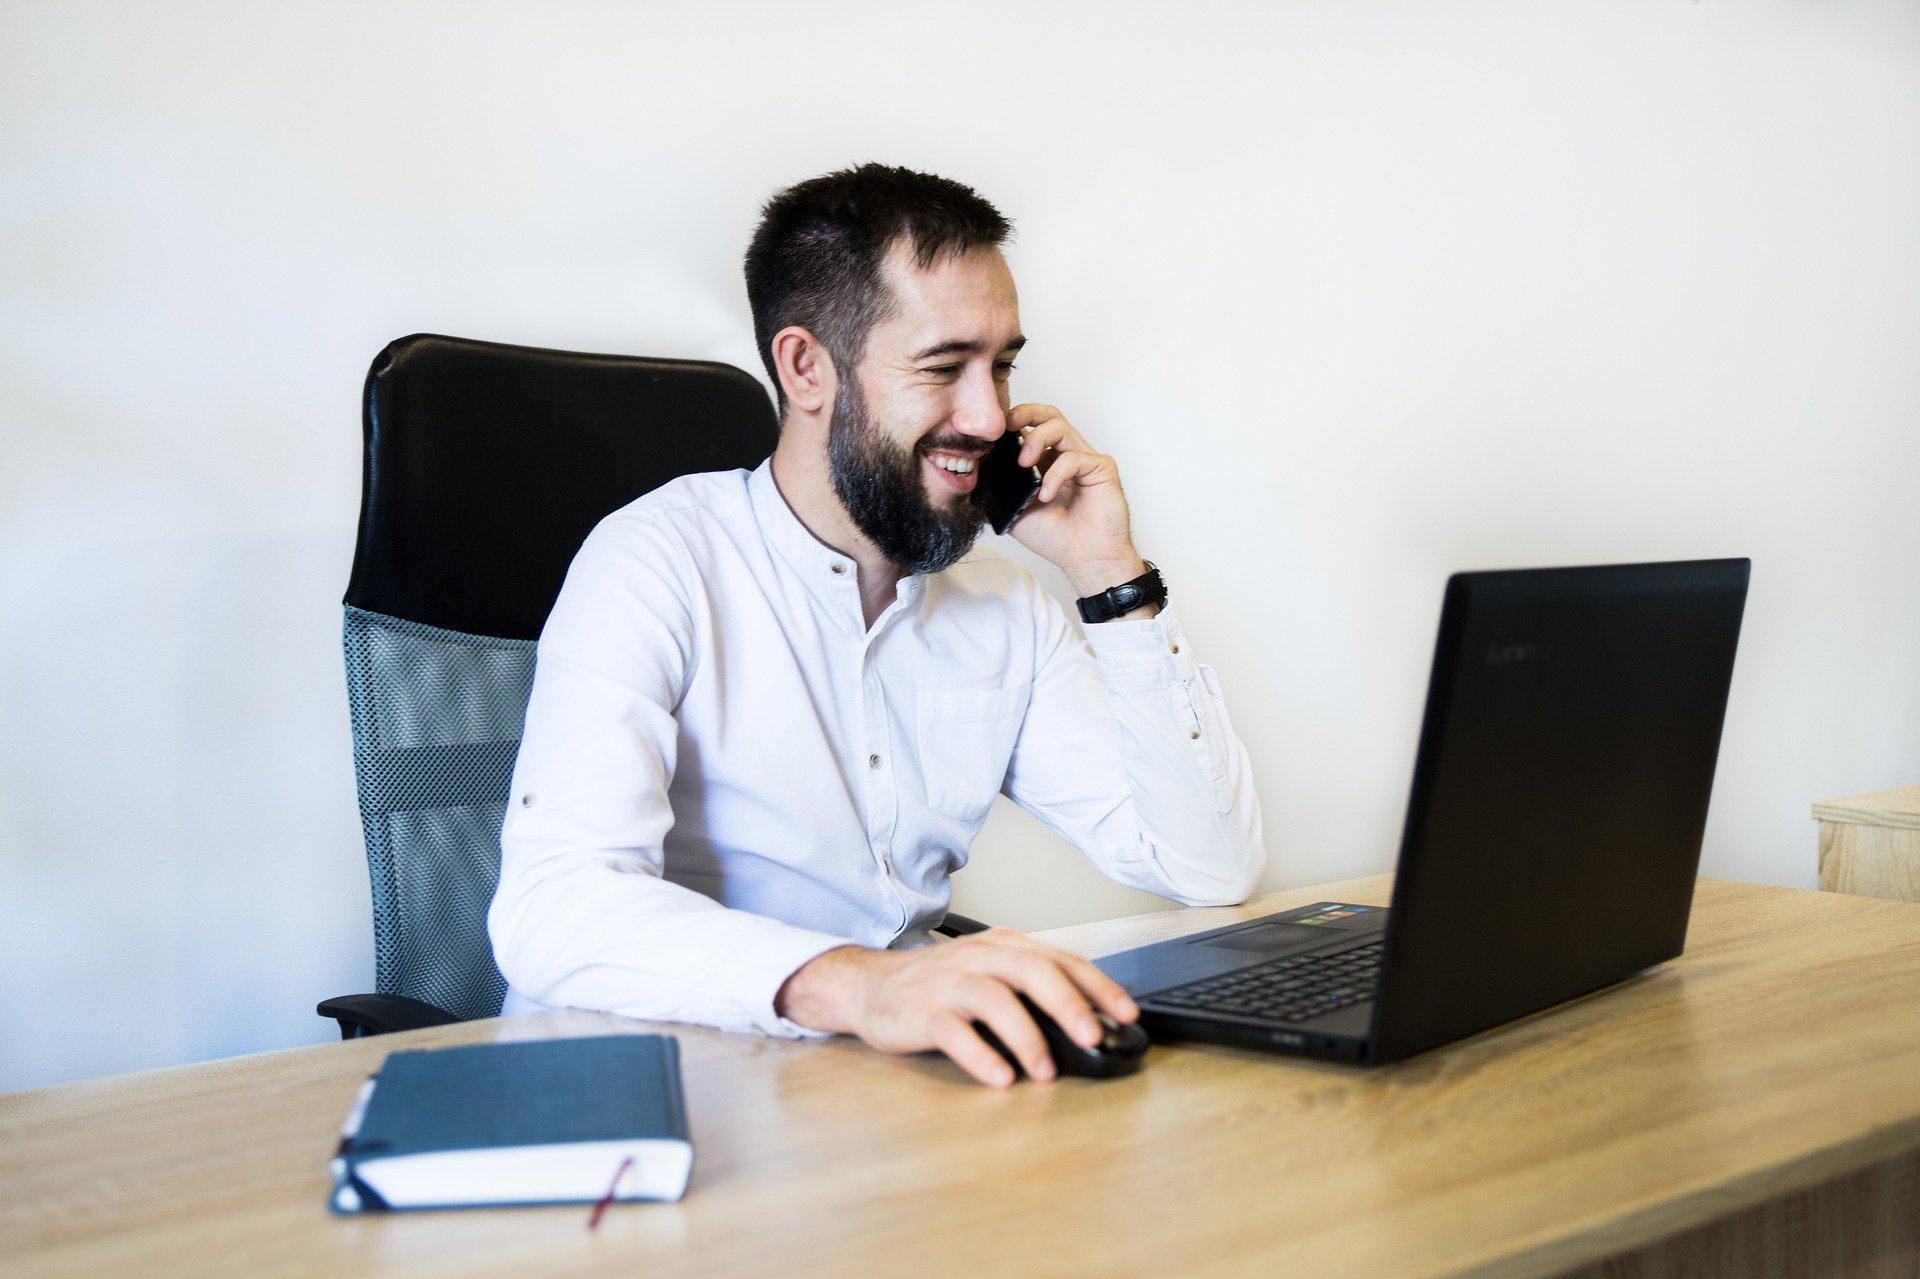 『できる営業』はすぐ異動する、担当にするメリットとは?